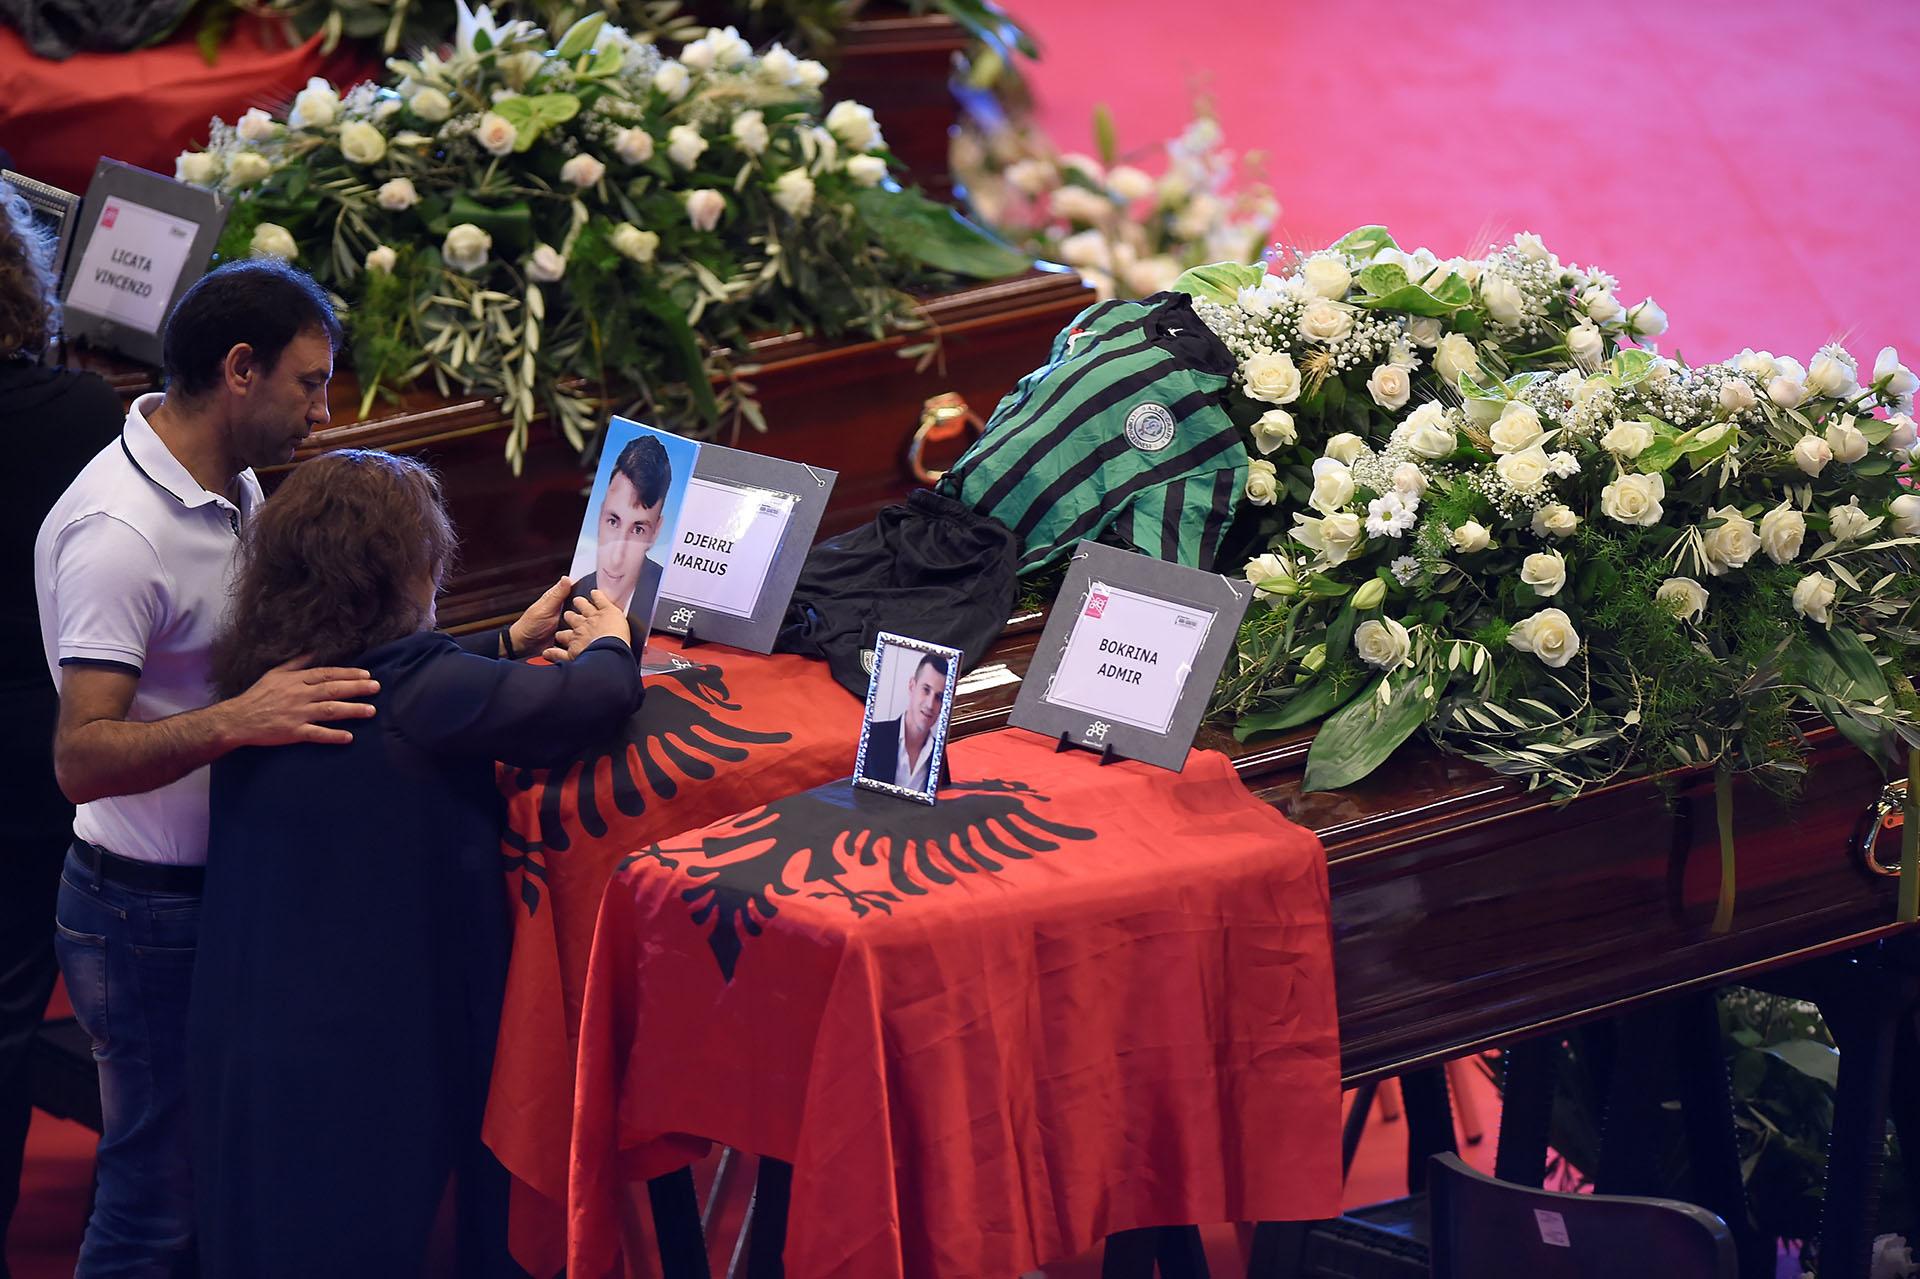 Familiares de las víctimas despidieron a sus seres queridos. REUTERS/Massimo Pinca